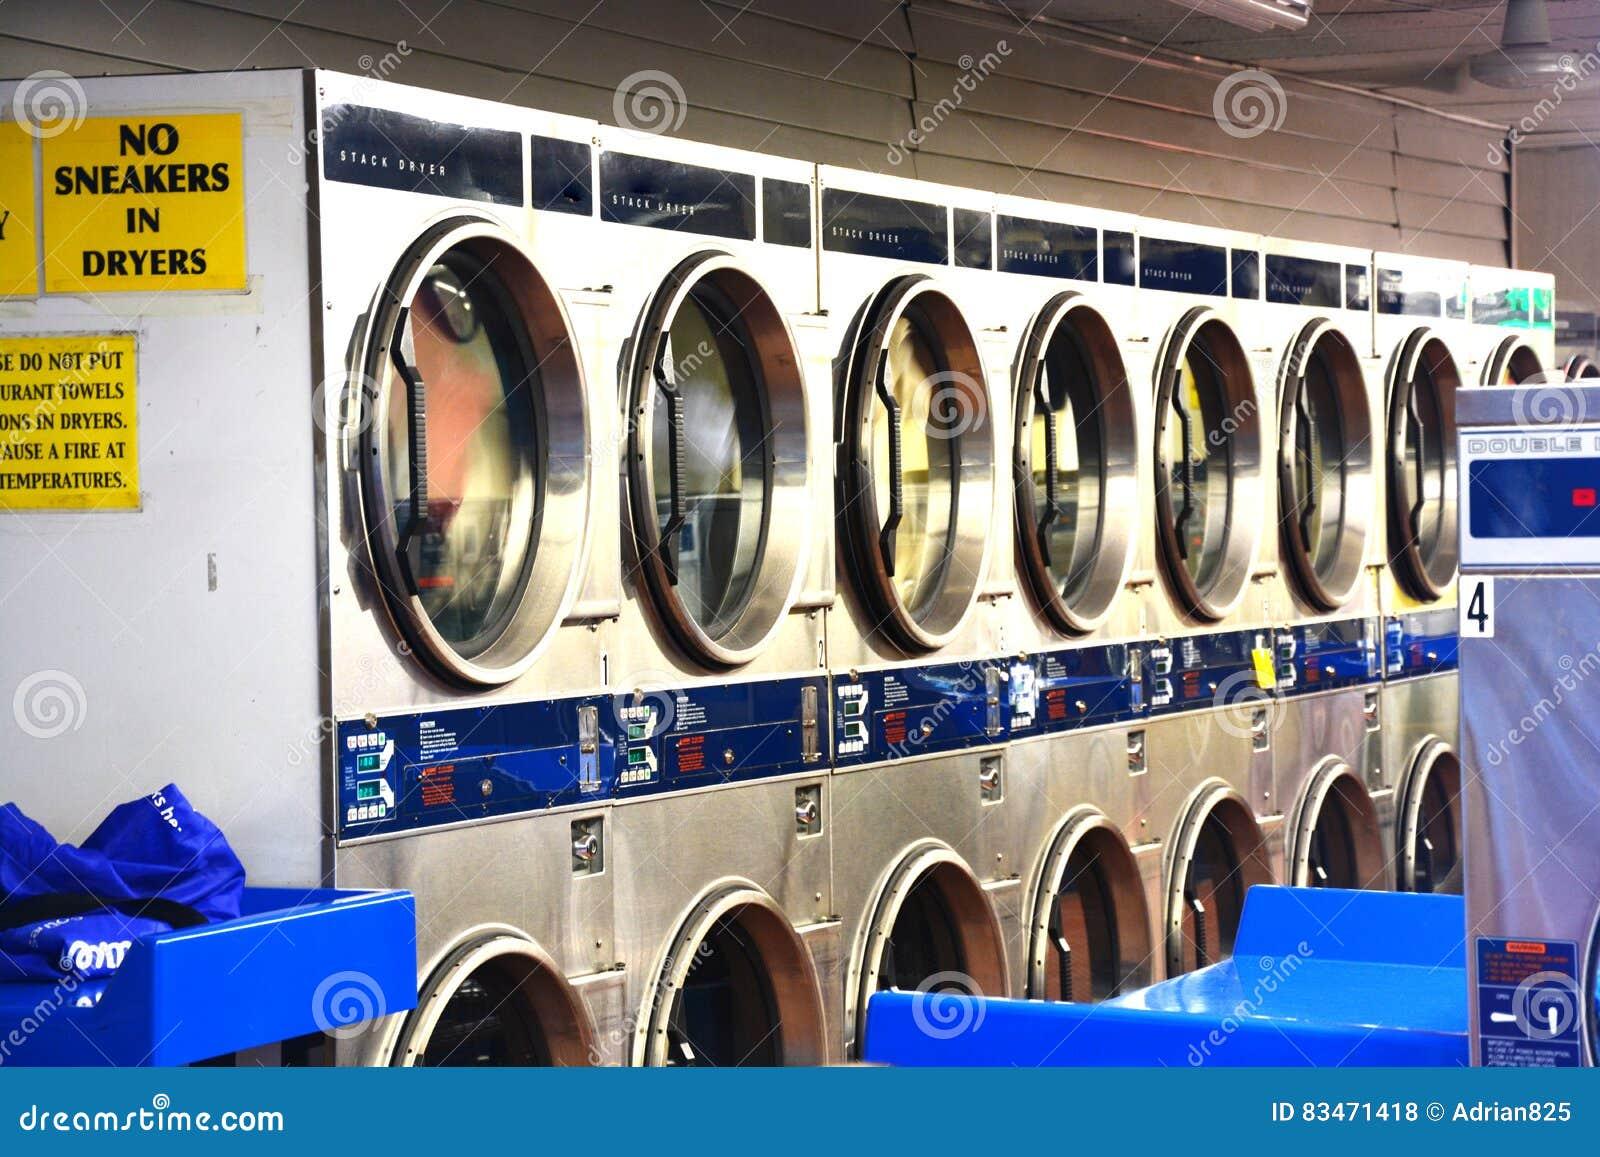 Washing Machines Inside Laundry Shop Or Launderette Stock